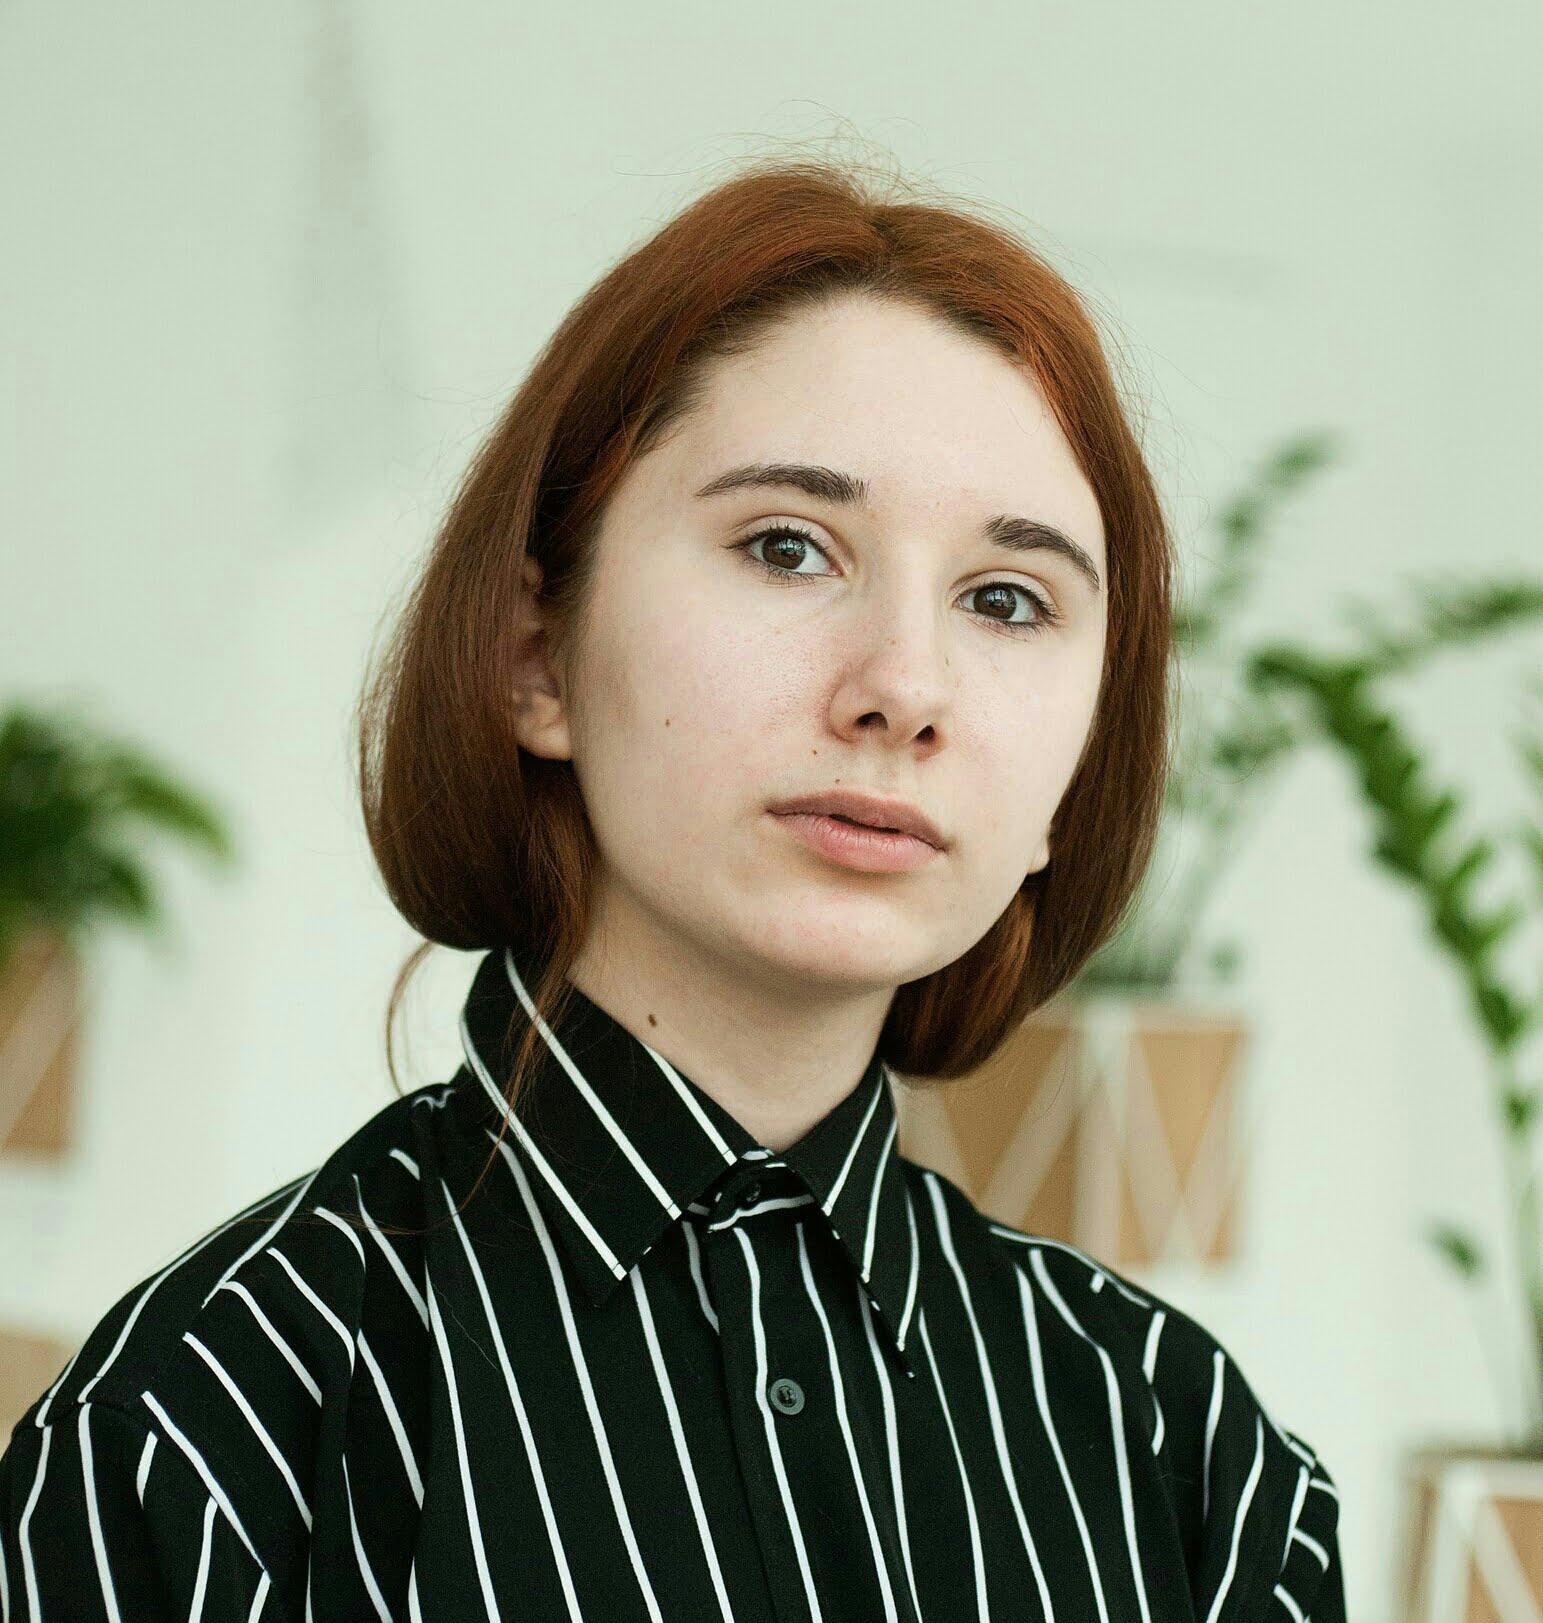 Nadia Dygalevych